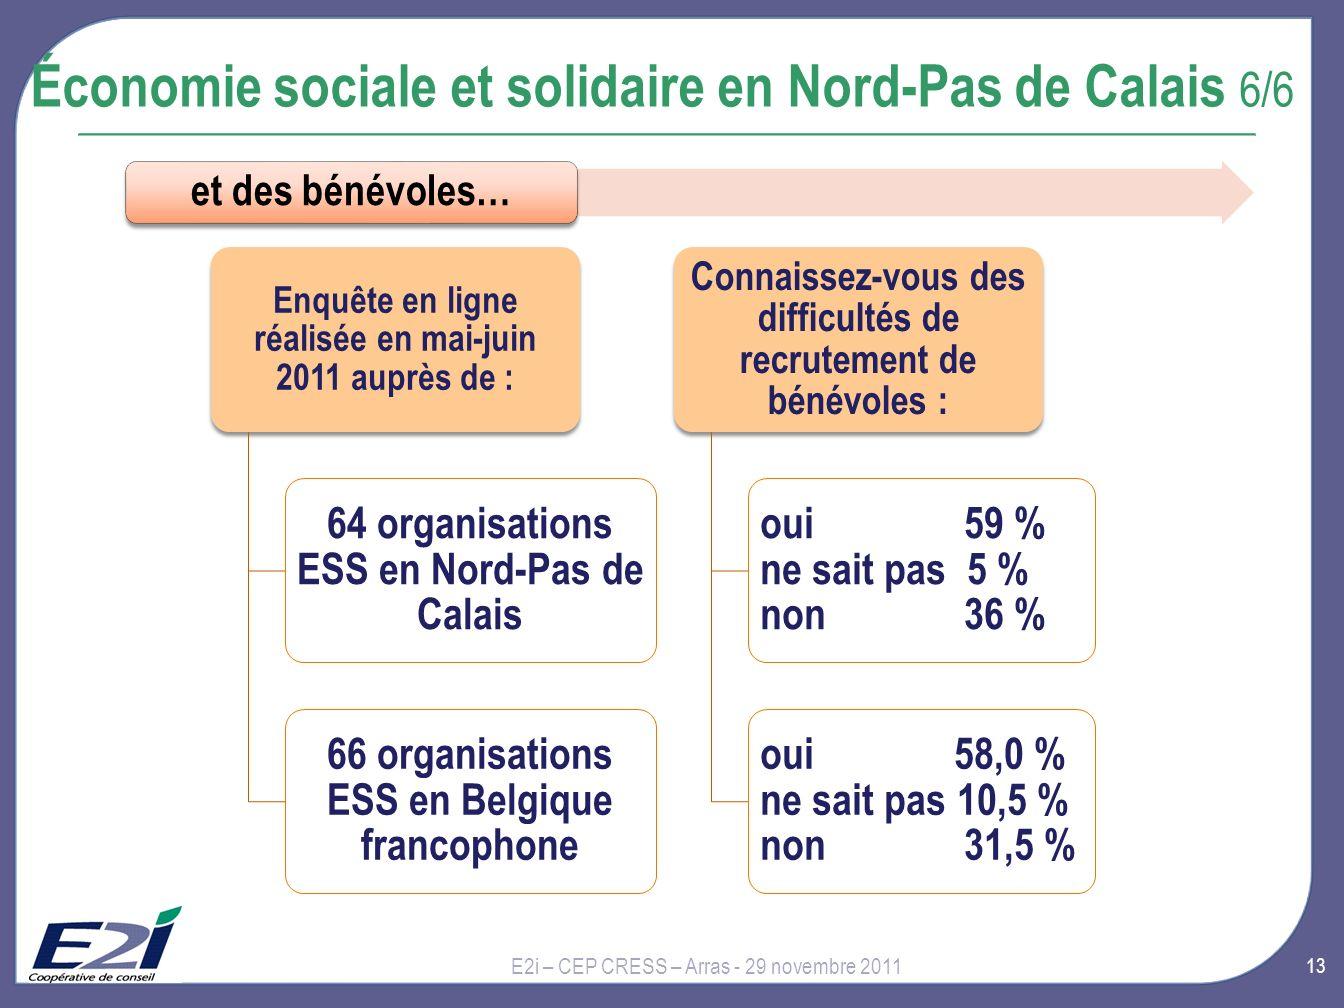 13 E2i – CEP CRESS – Arras - 29 novembre 2011 Économie sociale et solidaire en Nord-Pas de Calais 6/6 et des bénévoles… Enquête en ligne réalisée en mai-juin 2011 auprès de : 64 organisations ESS en Nord-Pas de Calais 66 organisations ESS en Belgique francophone Connaissez-vous des difficultés de recrutement de bénévoles : oui 59 % ne sait pas 5 % non 36 % oui 58,0 % ne sait pas 10,5 % non 31,5 %